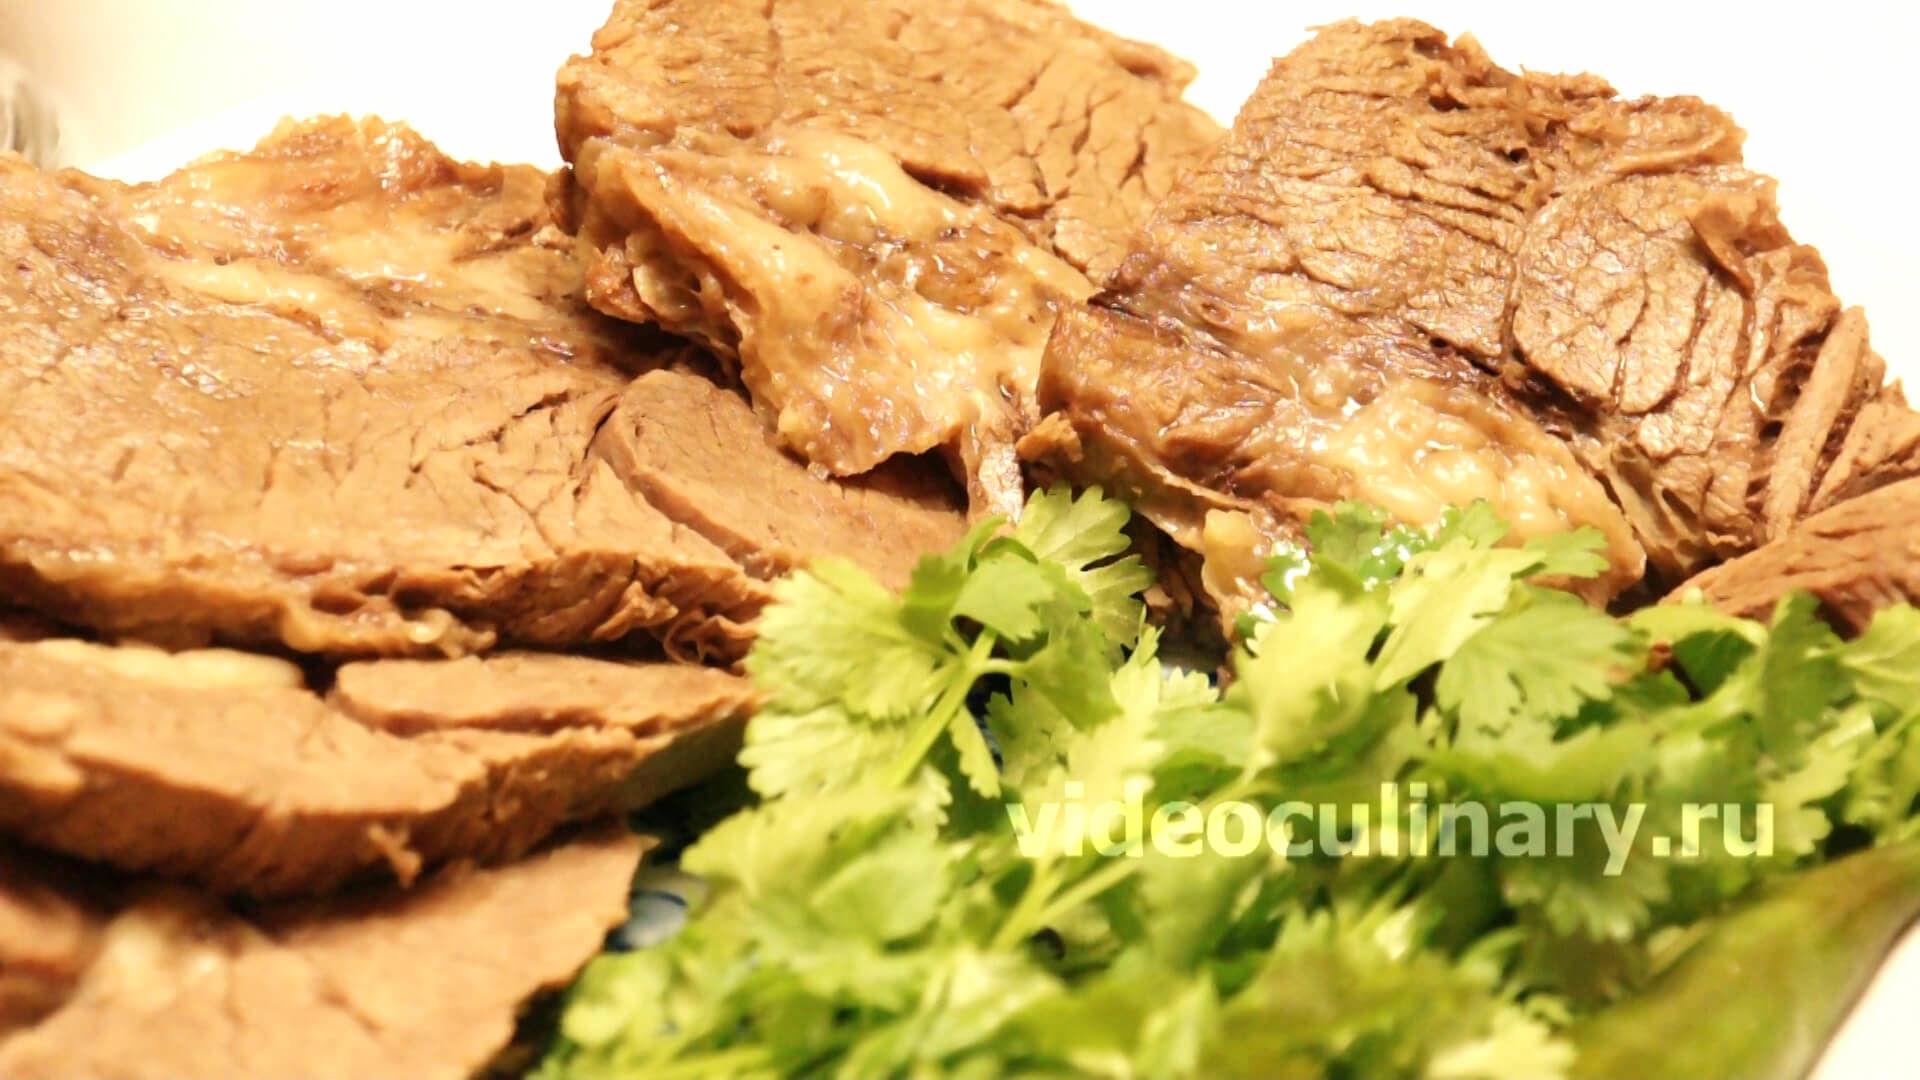 говядина отварная рецепты приготовления